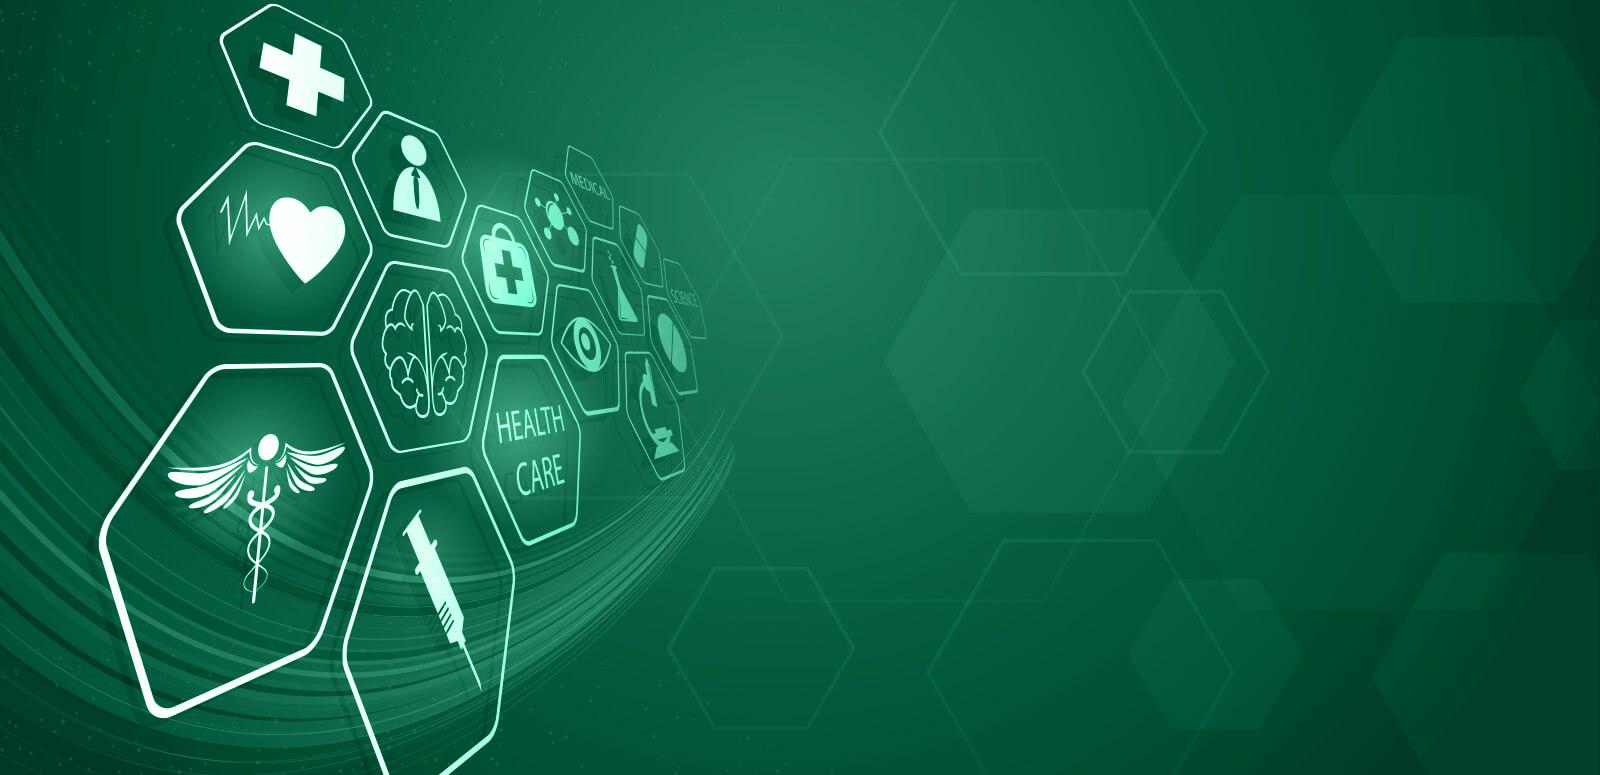 Healthcare Innovation Elms Green Banner